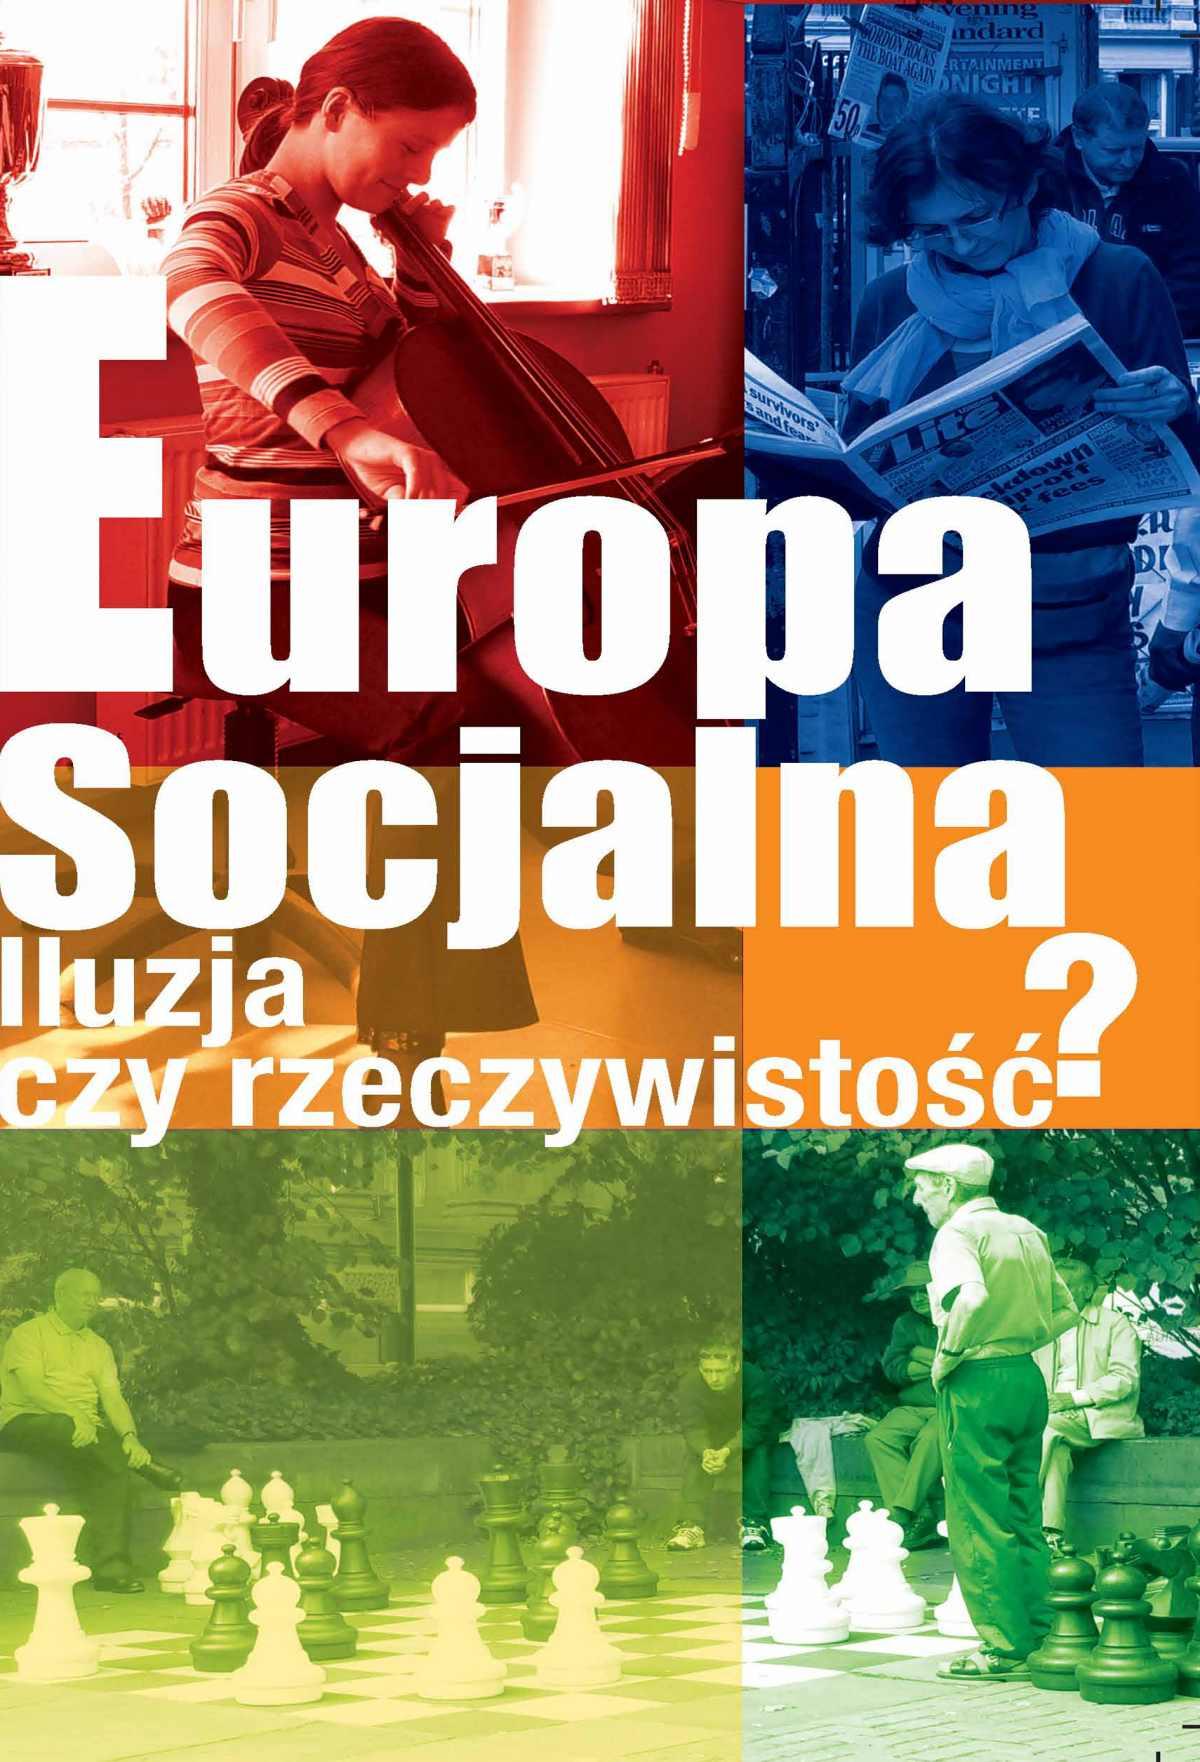 Europa socjalna - Ebook (Książka PDF) do pobrania w formacie PDF